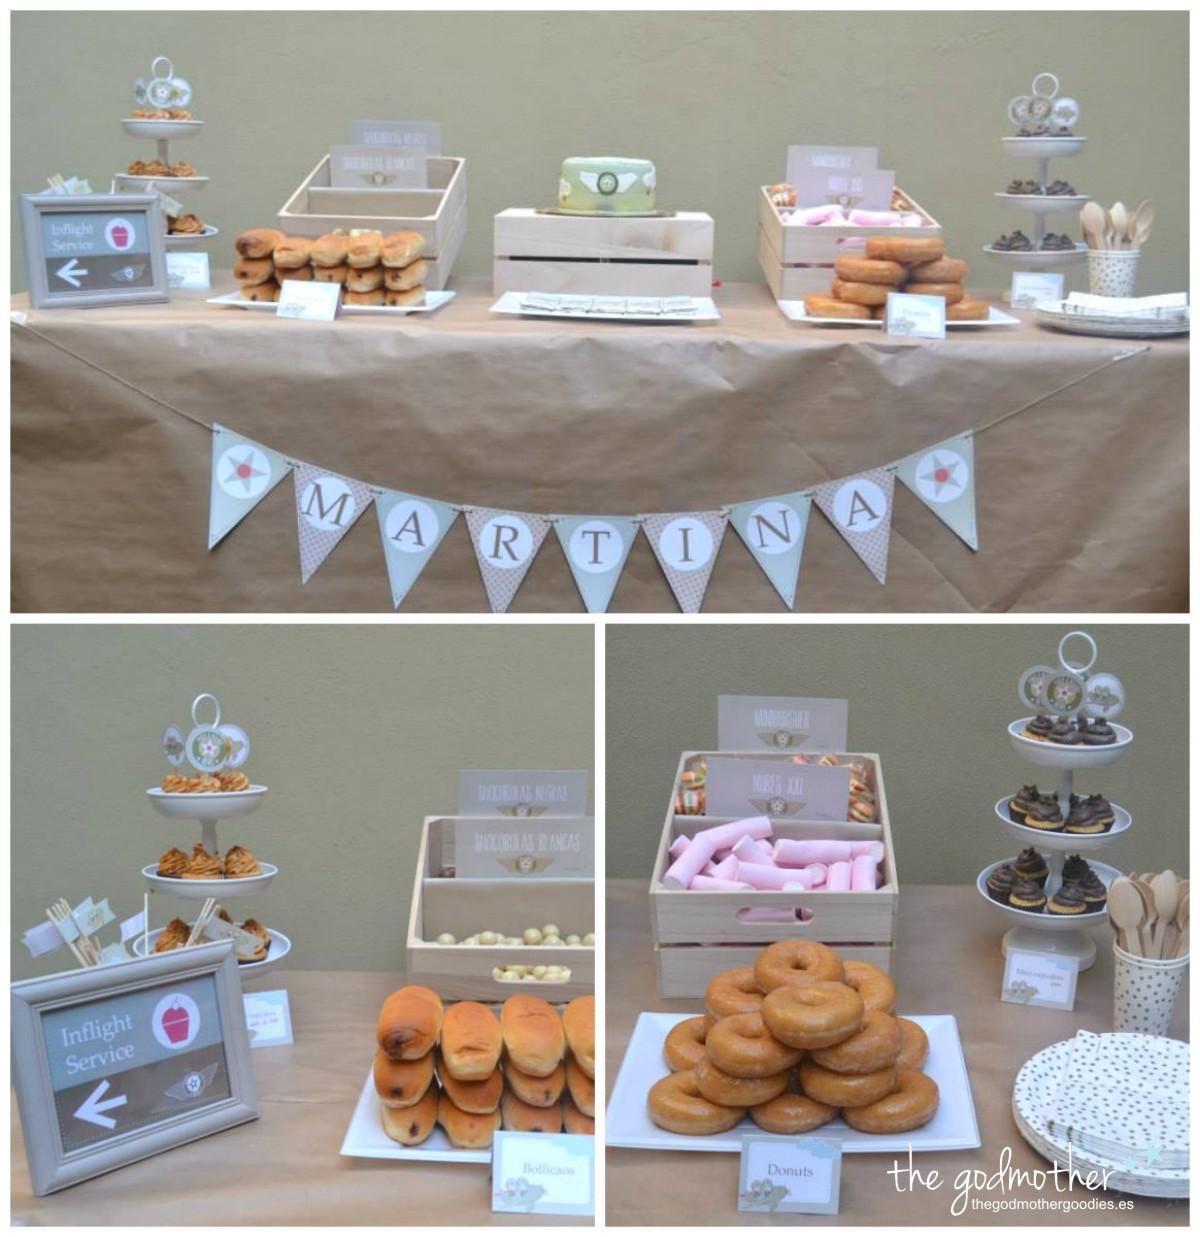 cumpleaños infantil aviones - airplane birthday party - cumpleaños personalizado - kit infantil de cumpleaños